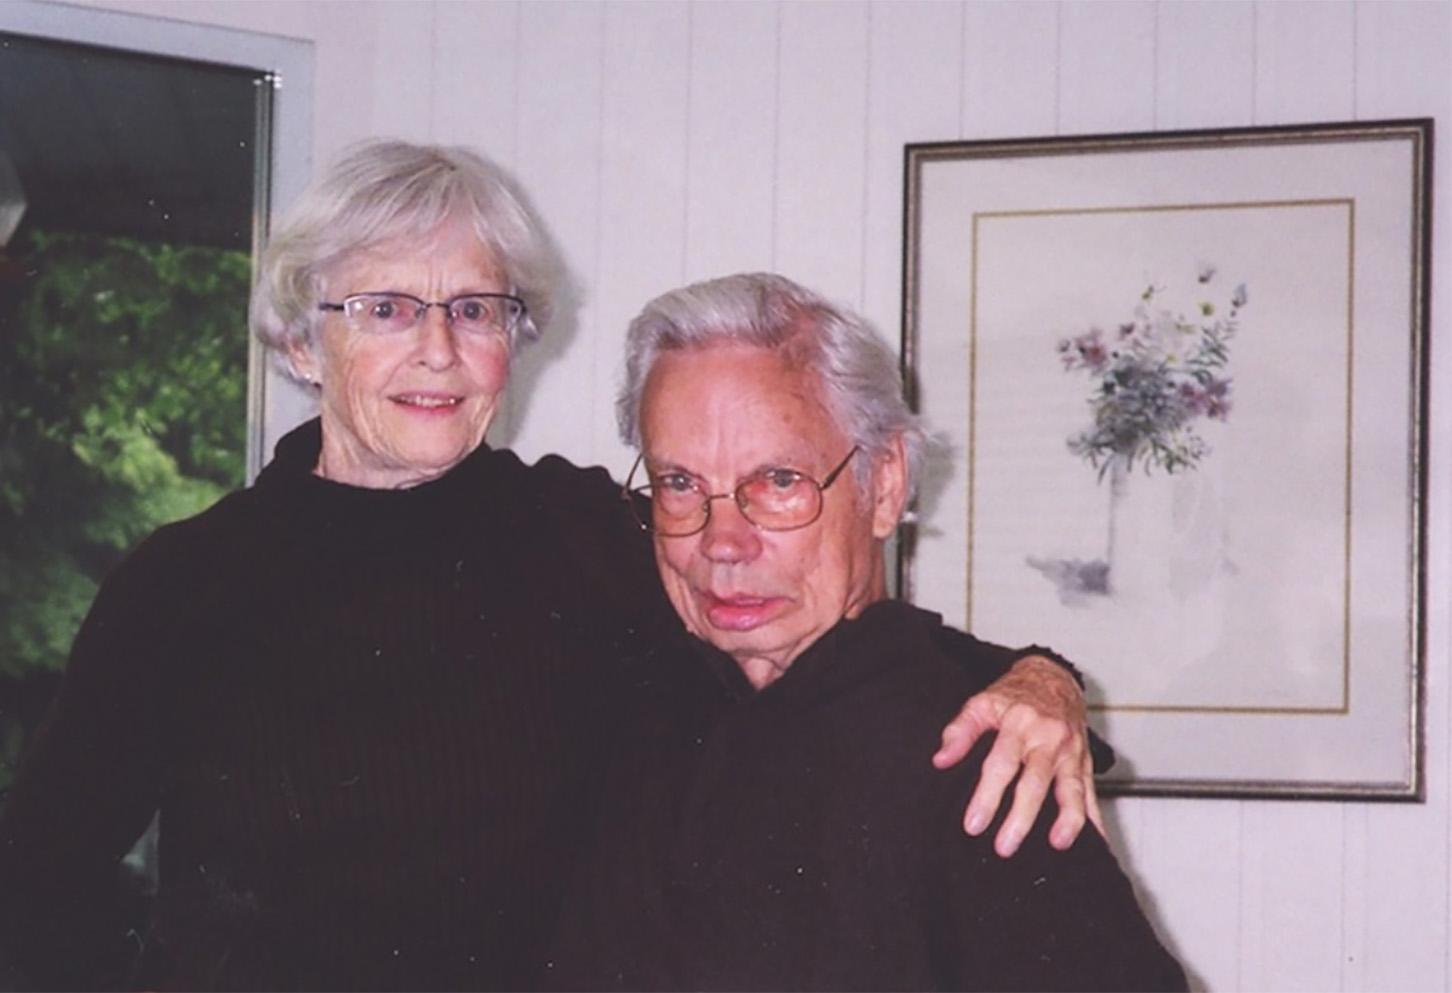 Barbara and Don Atkins (Molly Lamb Bobak watercolour) at their home, early 2000s.